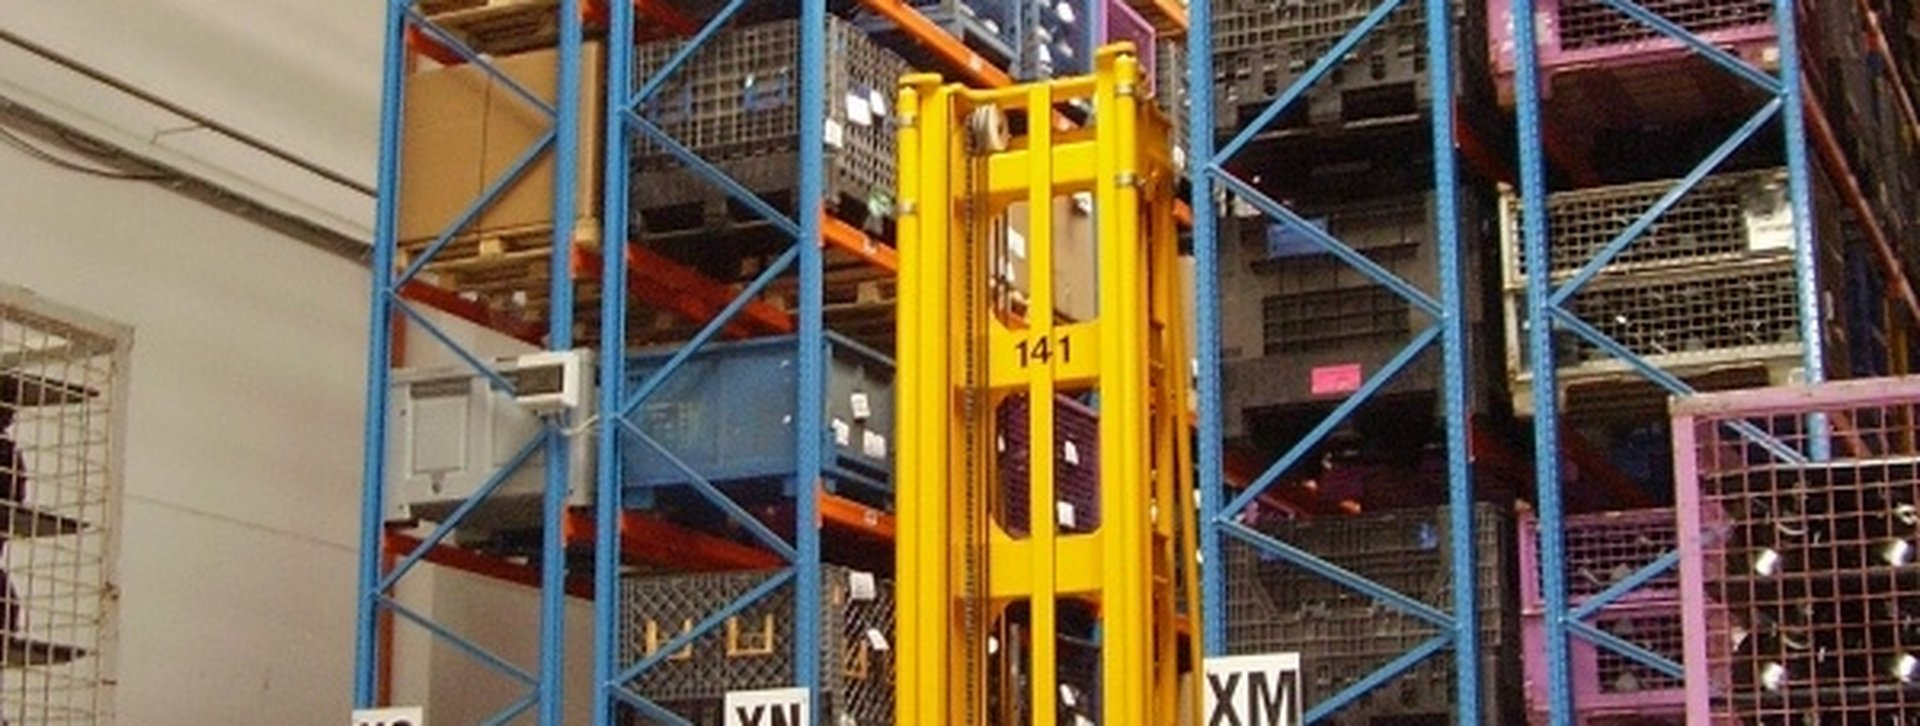 skladove-sluzby-4-043m2-logisticke-centrum-jicin-3484